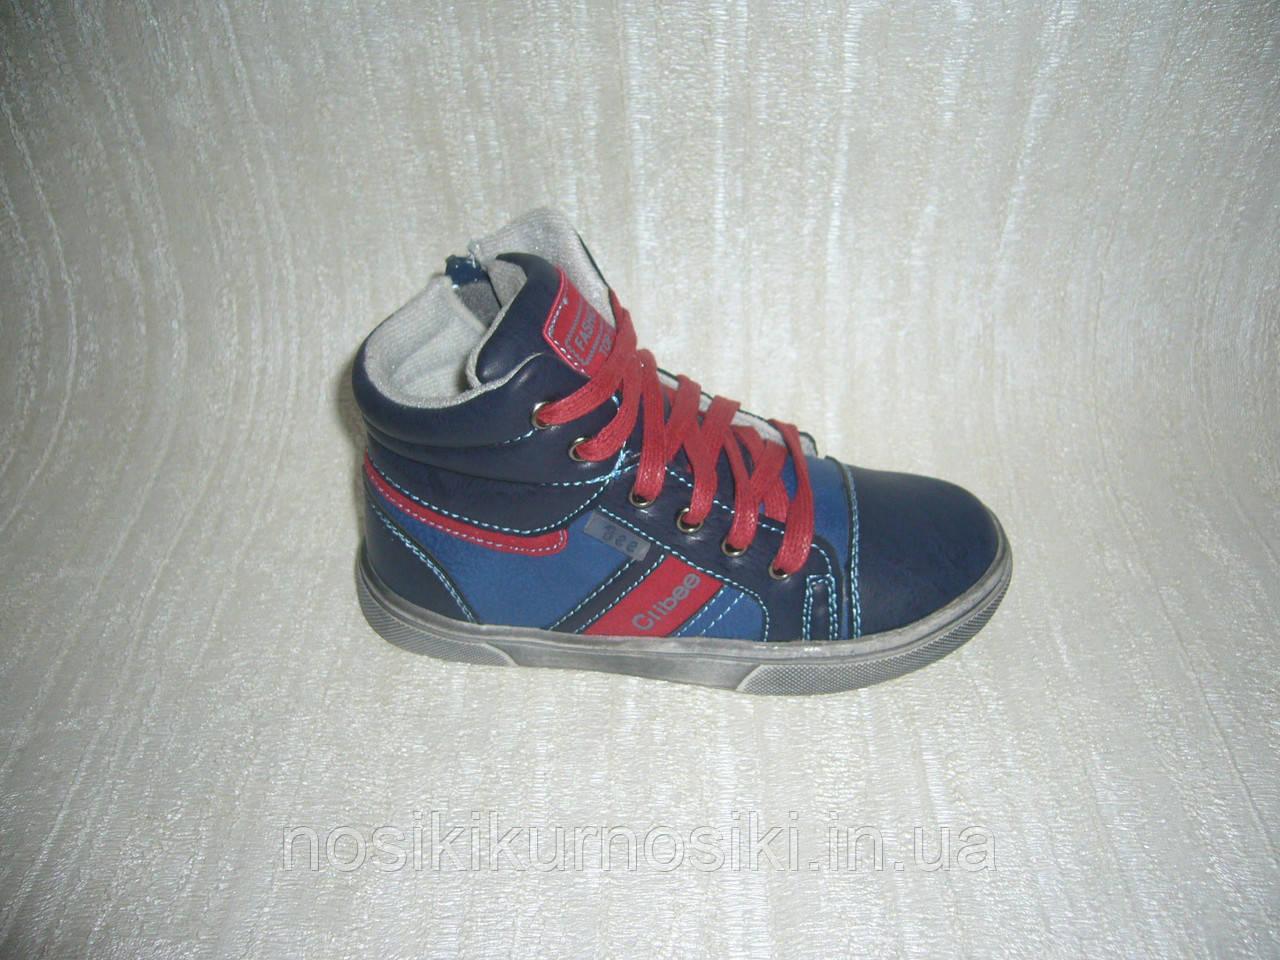 Демисезонные ботинки для мальчиков Clibee размеры 32 арт F-562 синие